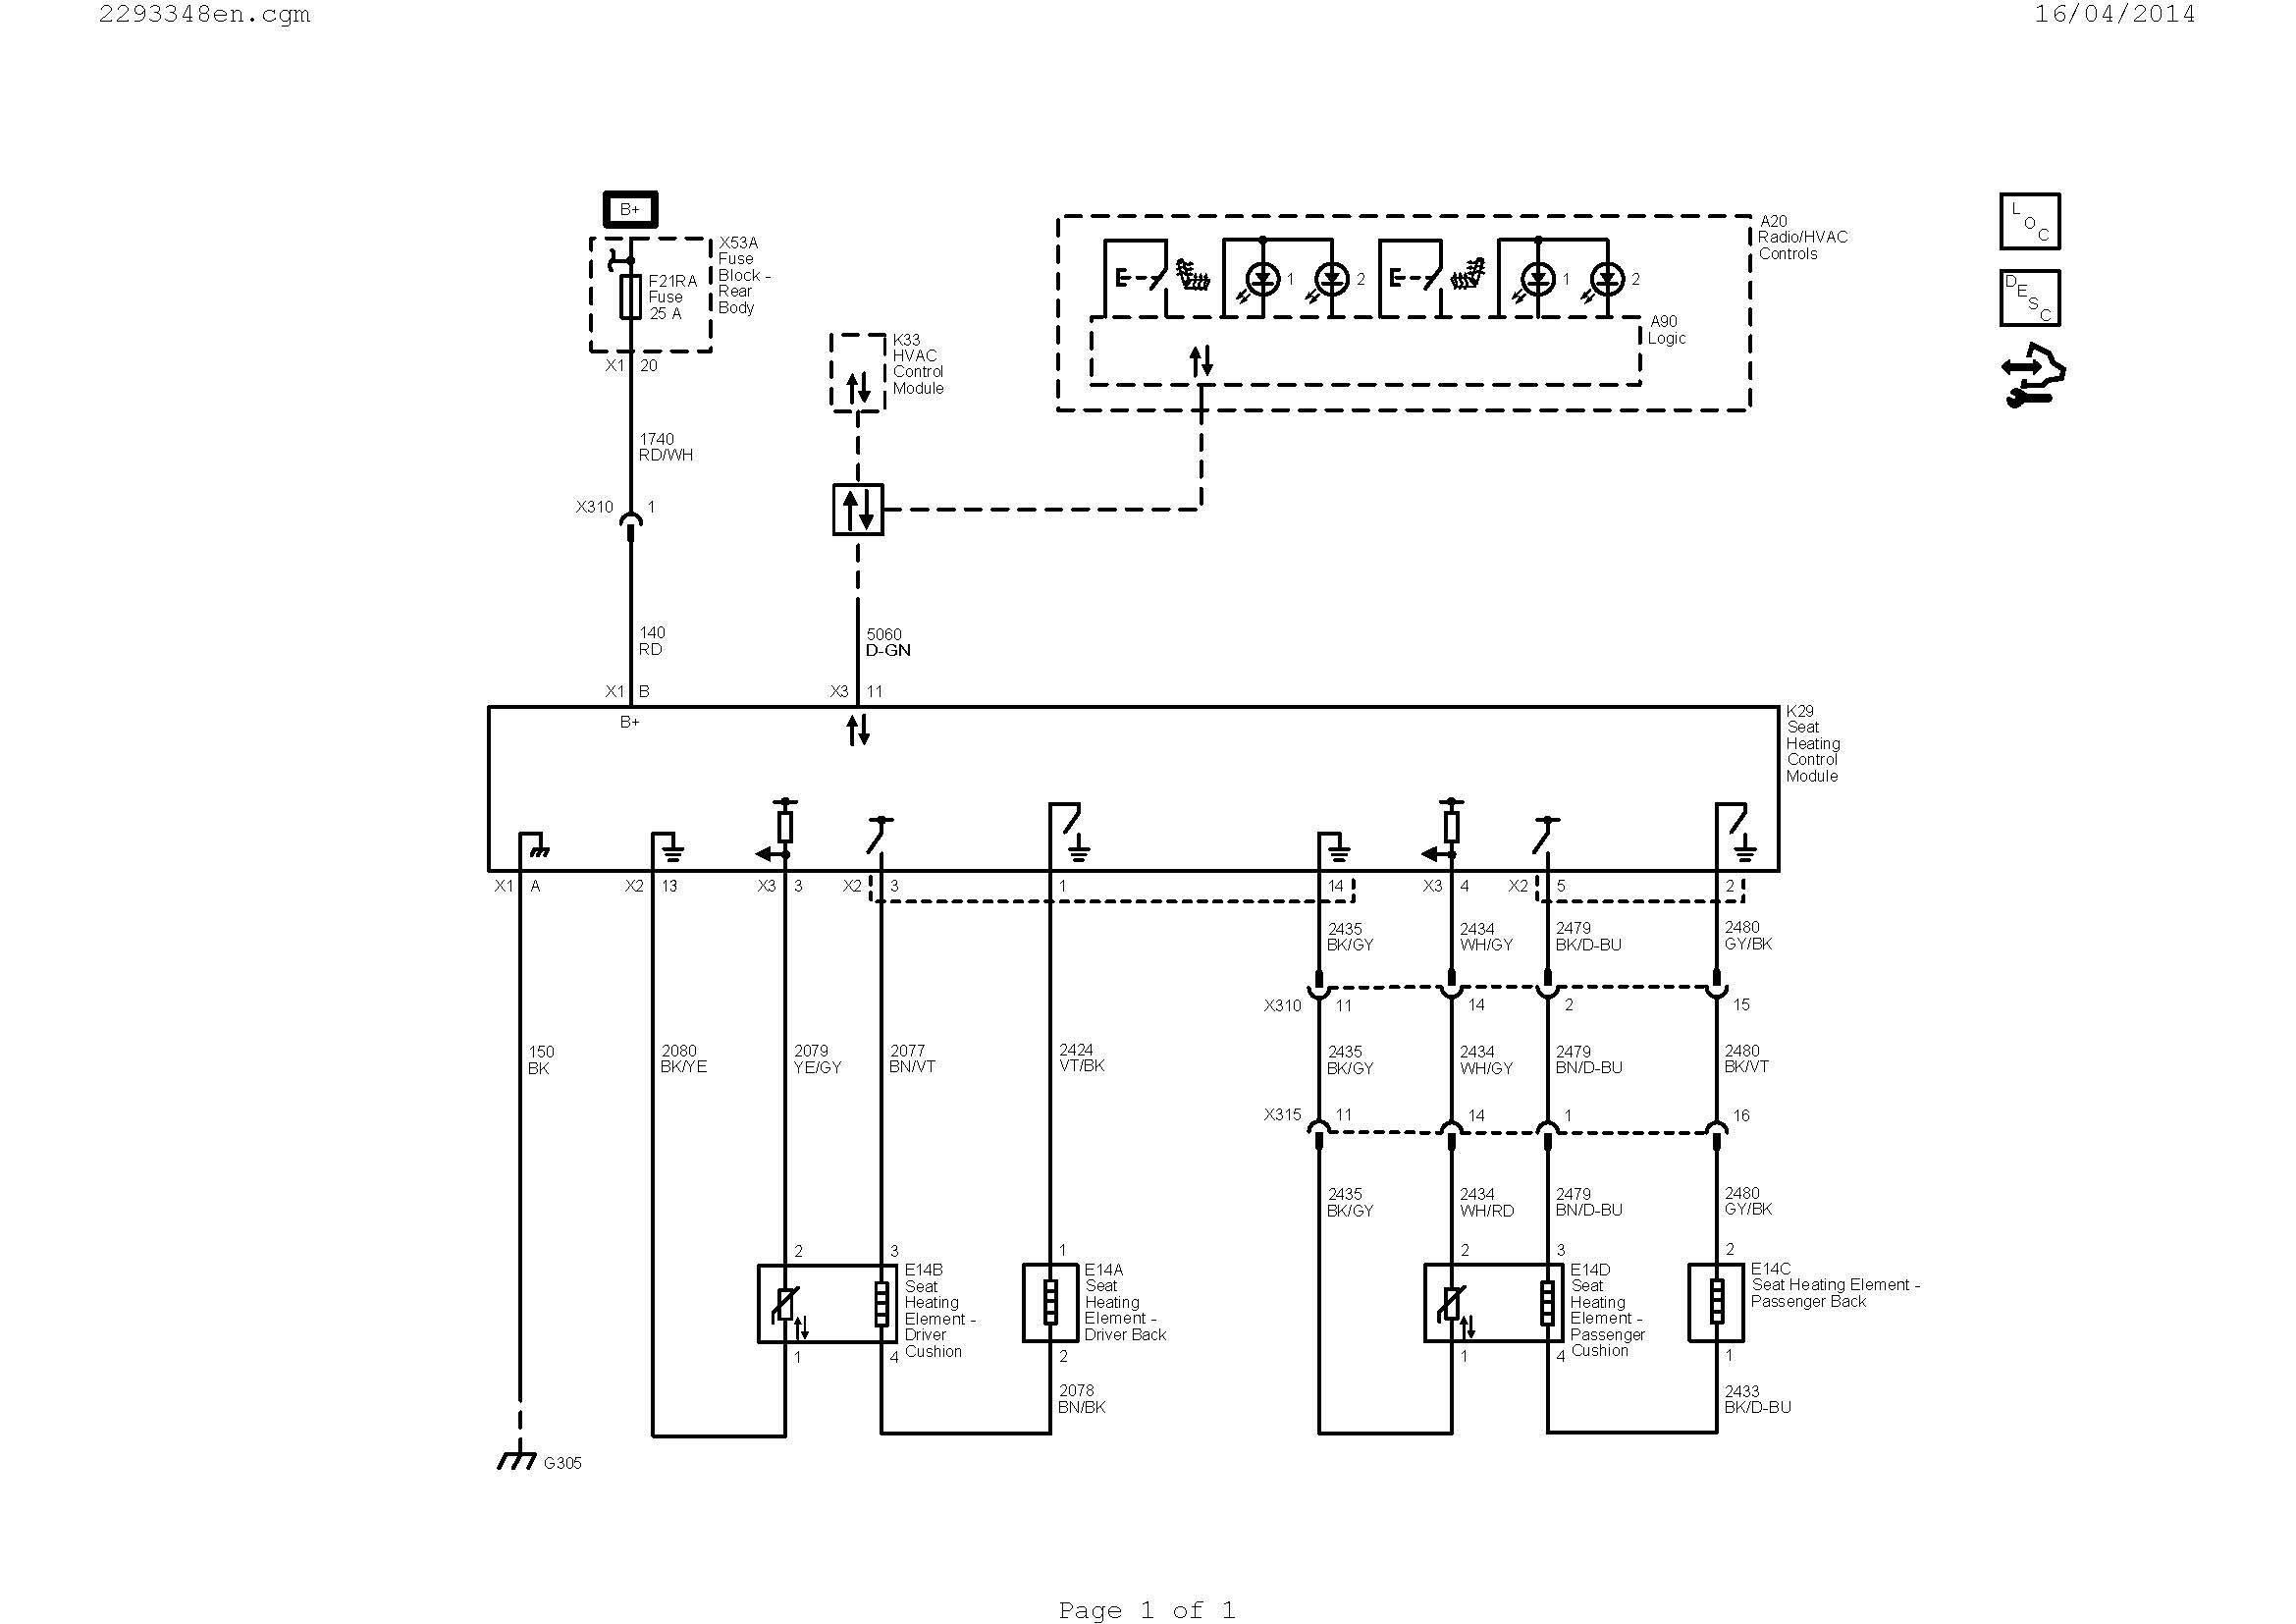 silverado wiring diagram Download-understanding hvac wiring diagrams Download Diagram Websites Unique Hvac Diagram 0d – Wire Diagram 14 11-r